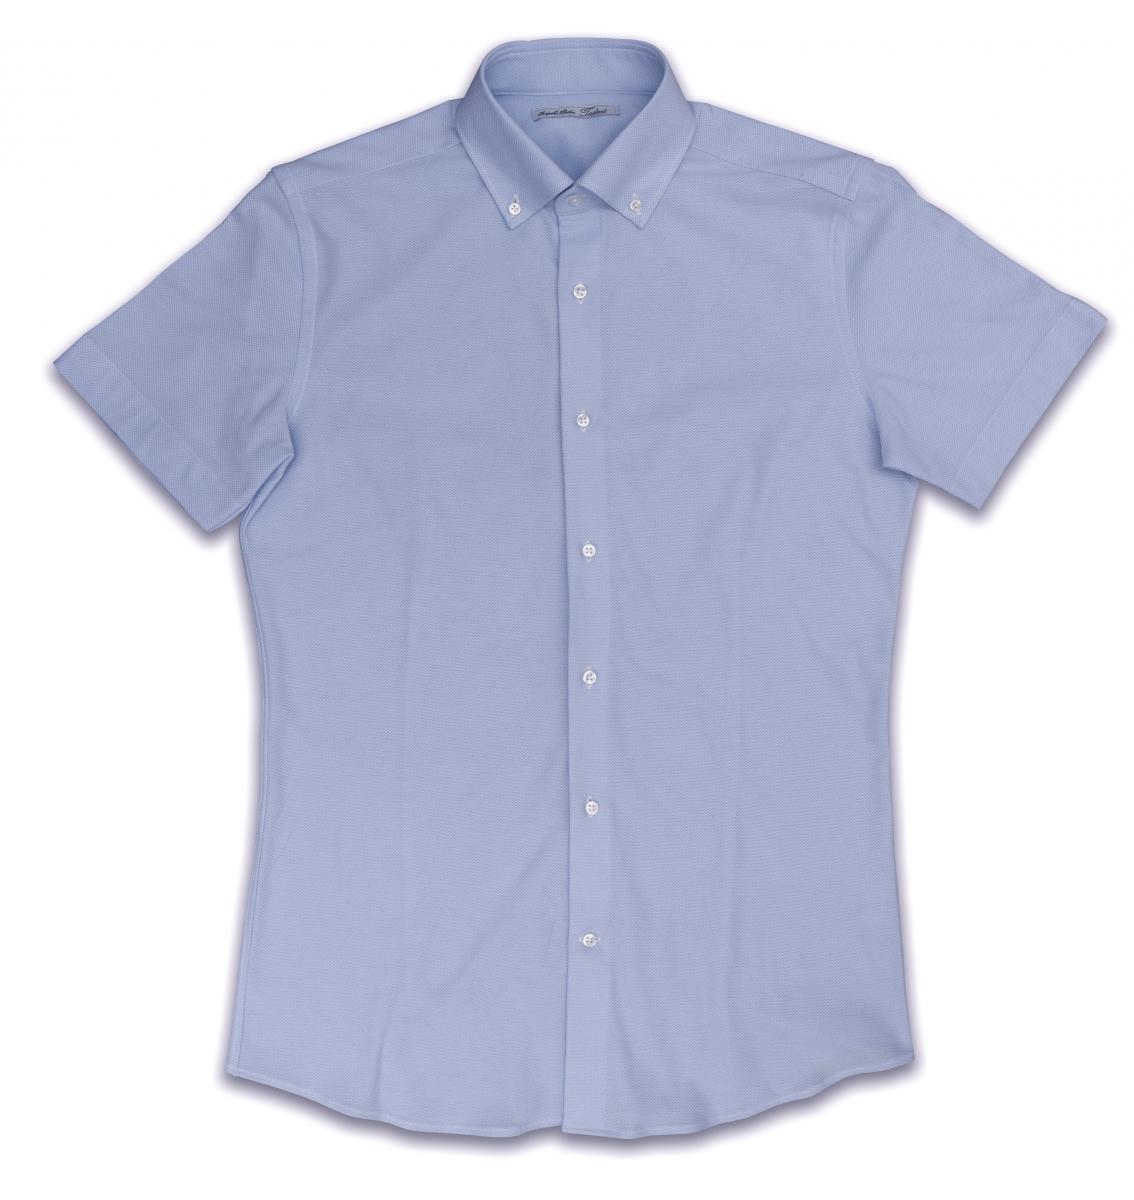 [オーダーシャツ]爽やかサックスブルーとニットの着心地の良さをセットで。